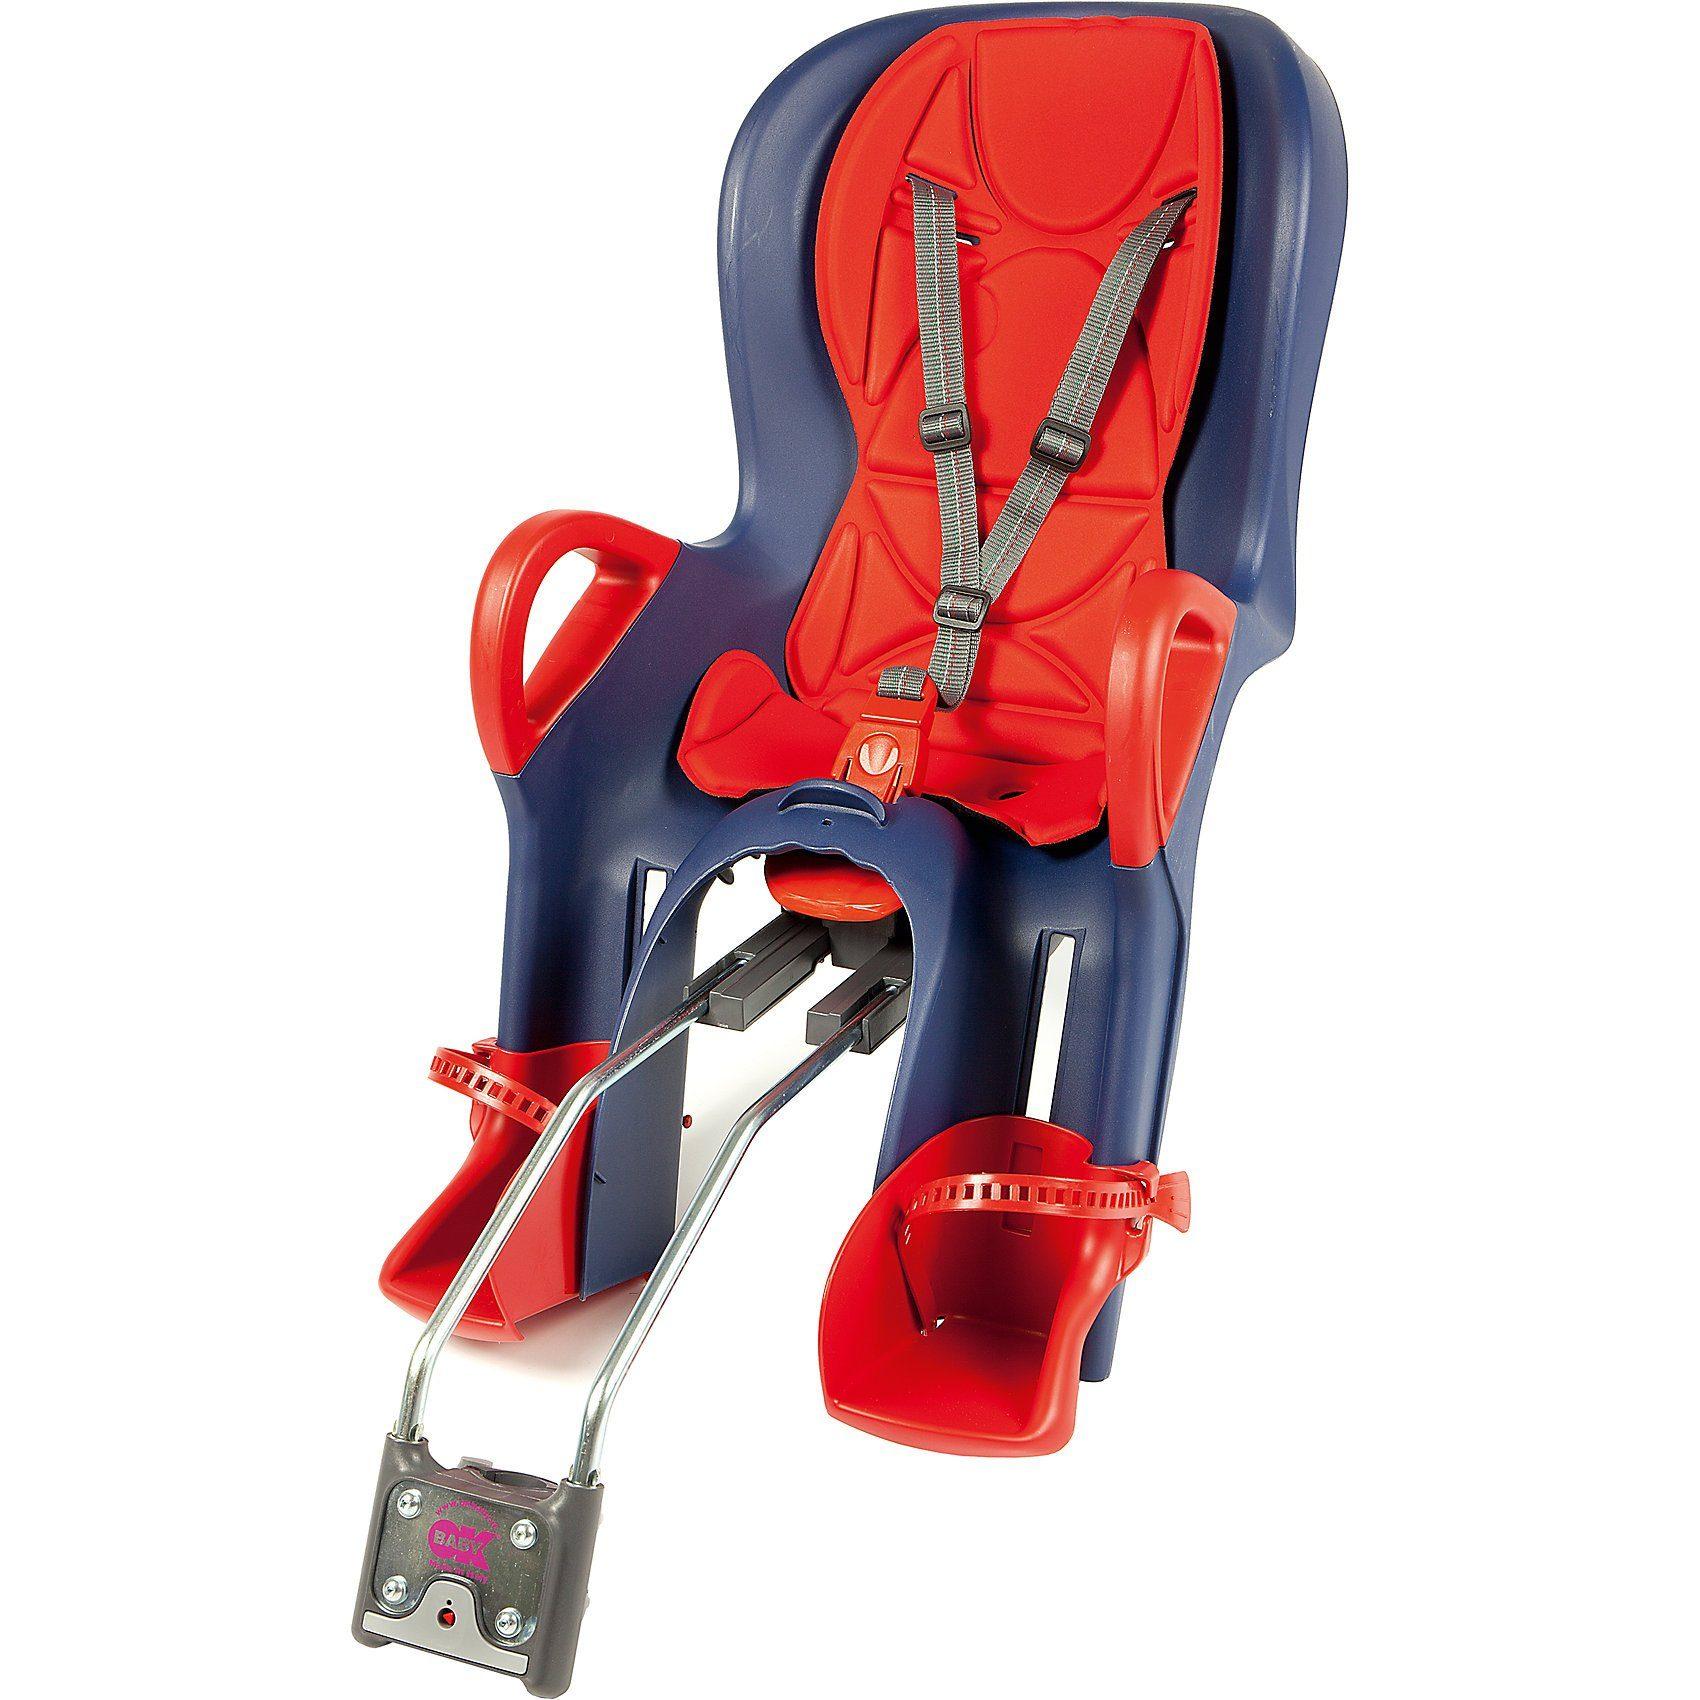 OK Baby Fahrrad-Sicherheitssitz 10+ inkl. Befestigungssystem, red /